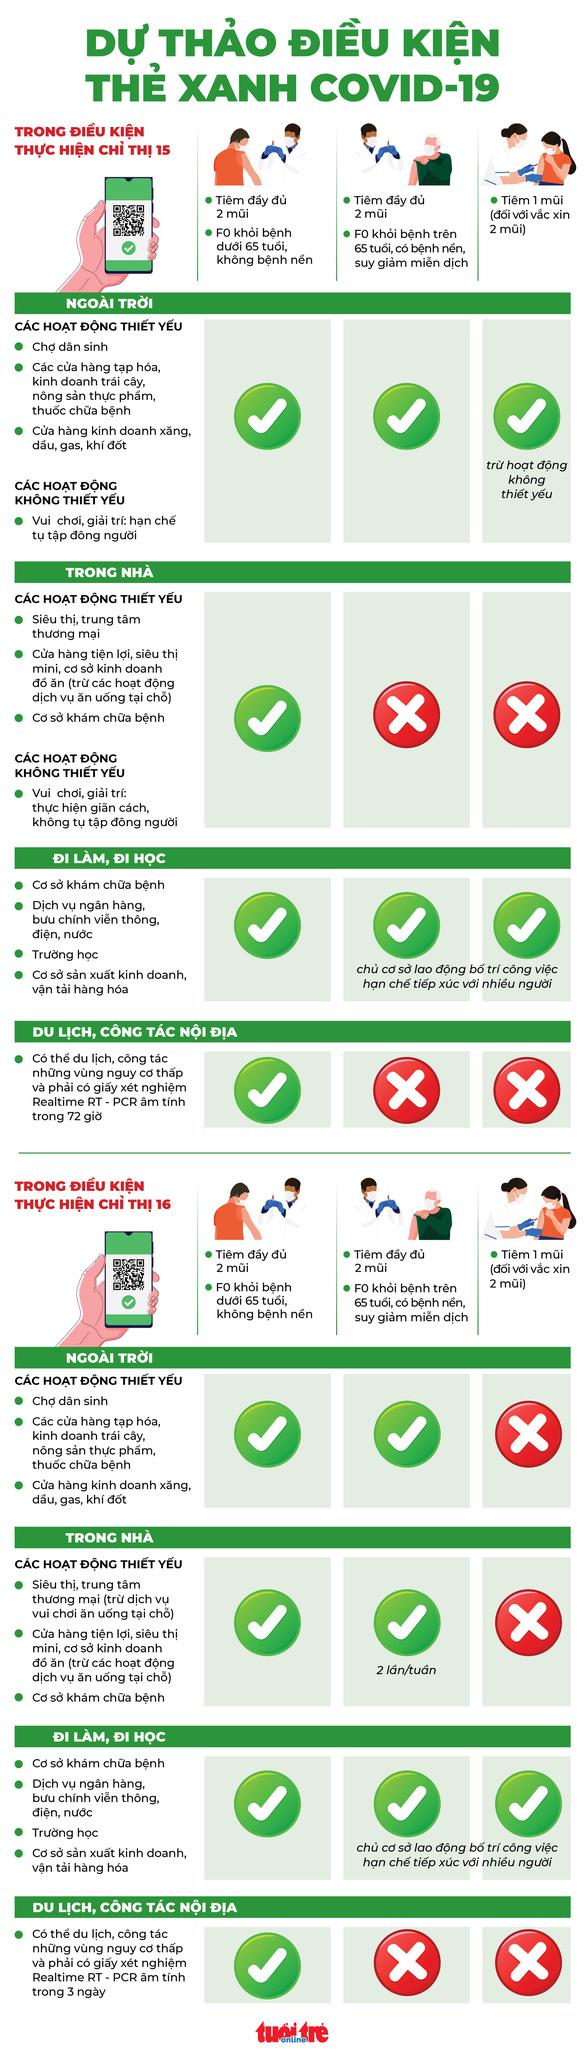 Dự thảo điều kiện thẻ xanh COVID-19 khi thực hiện chỉ thị 15 và 16 ra sao? - Ảnh 1.